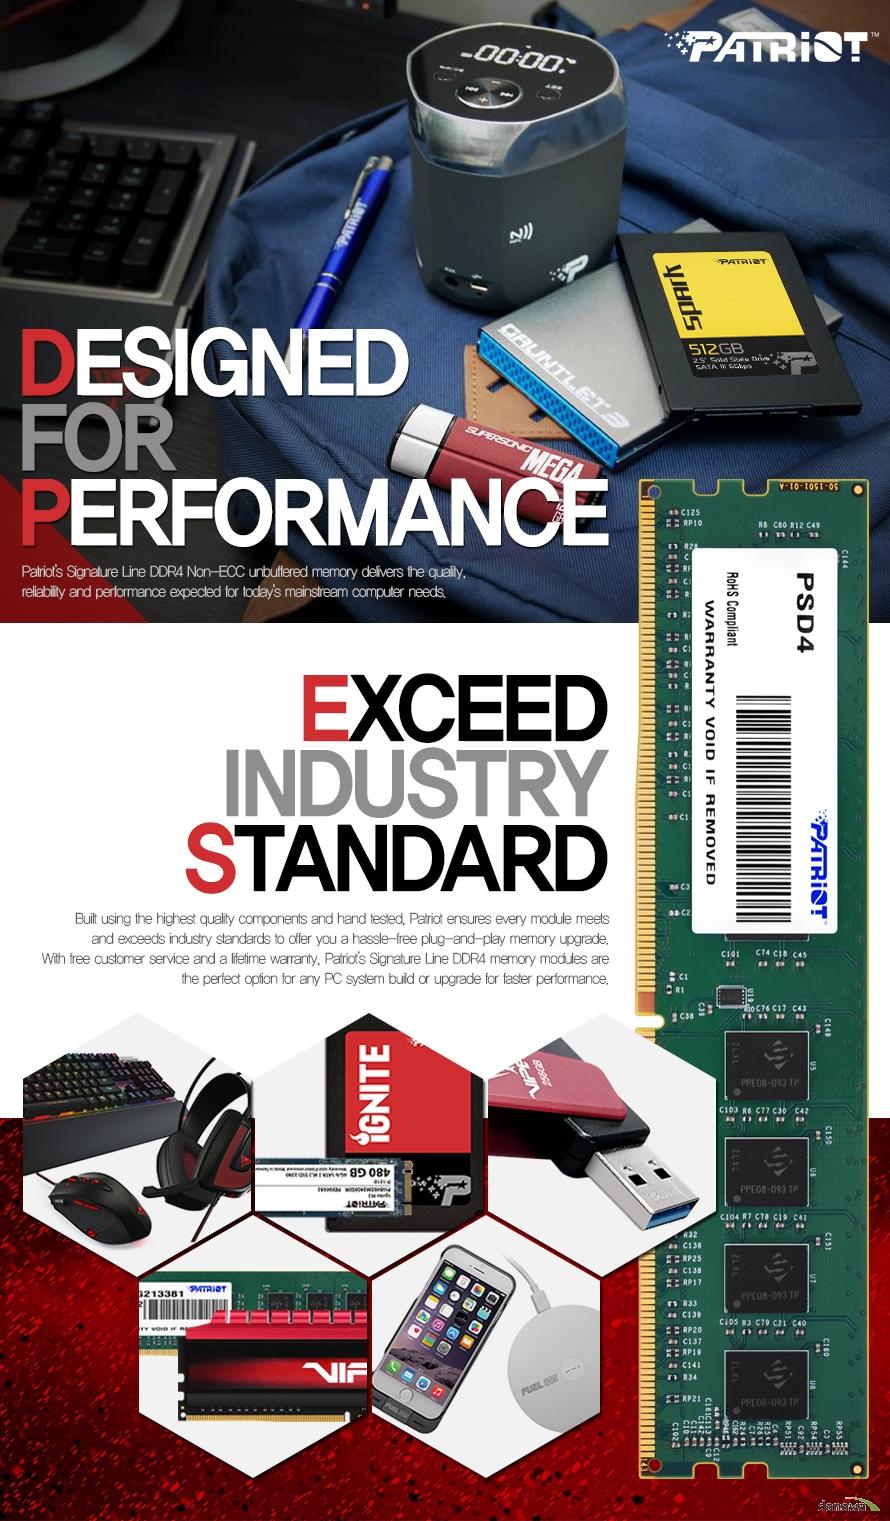 성능을 위한 디자인 산업 표준을 뛰어넘는 품질